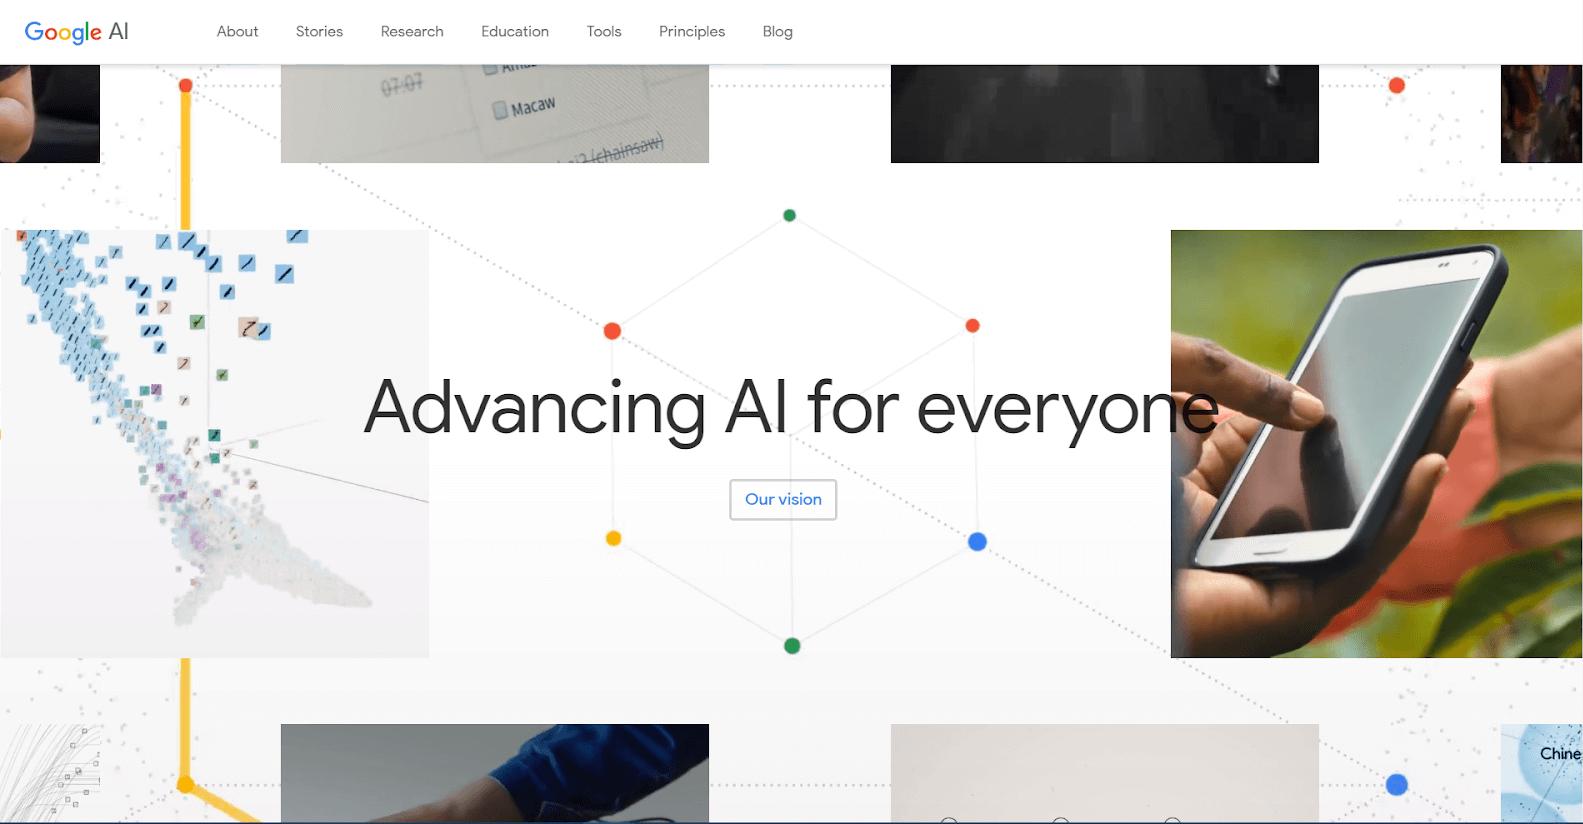 Google AI Tools